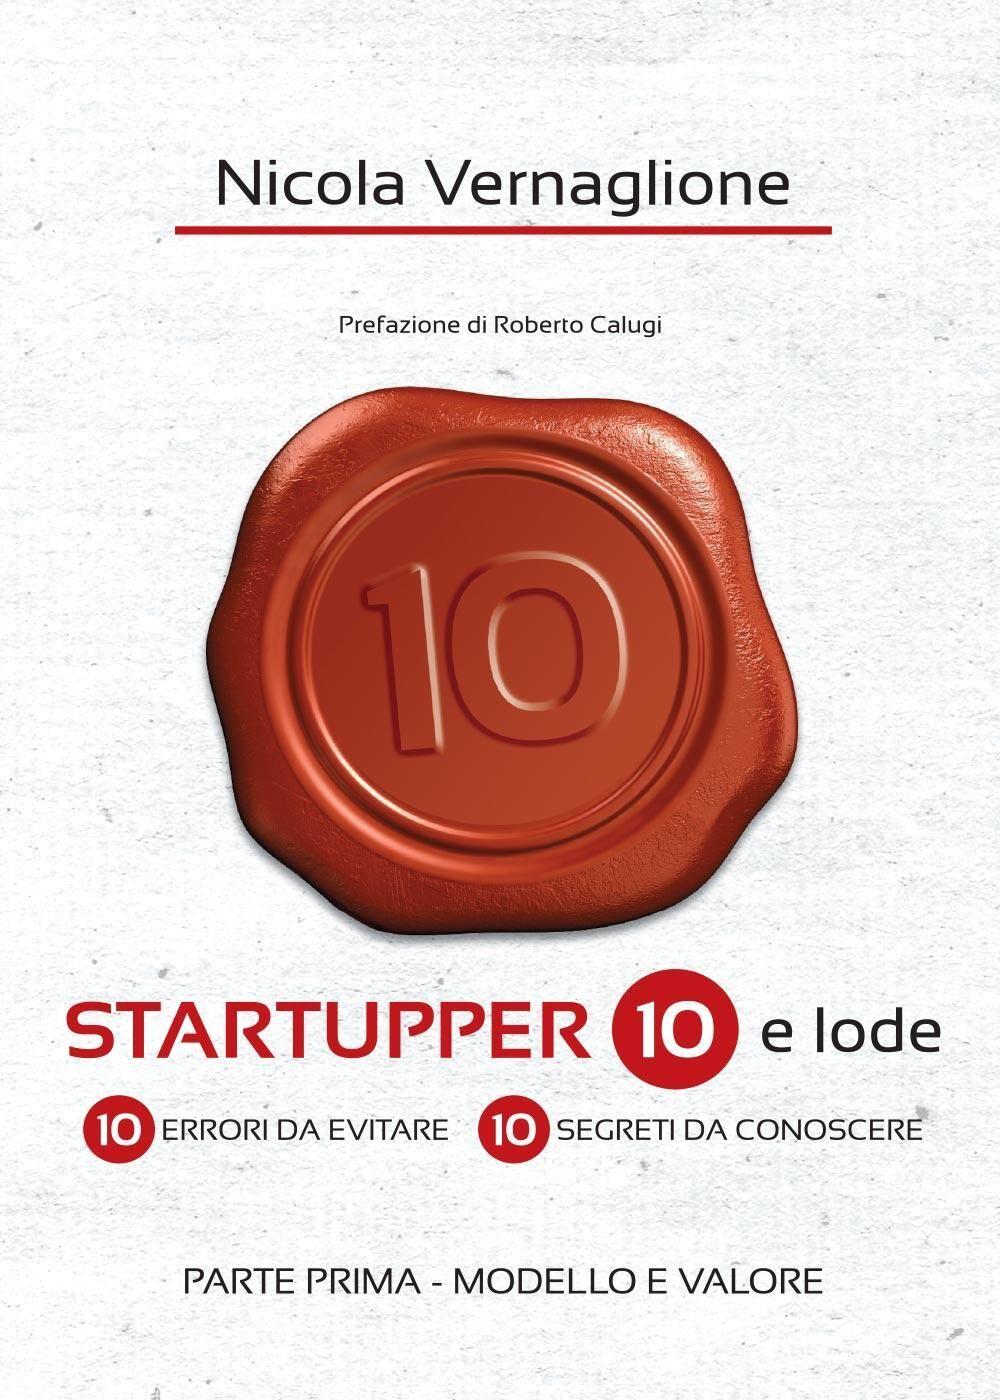 Startupper 10 e lode. 10 errori da evitare. 10 segreti da conoscere. Vol. 1: Modello e valore.